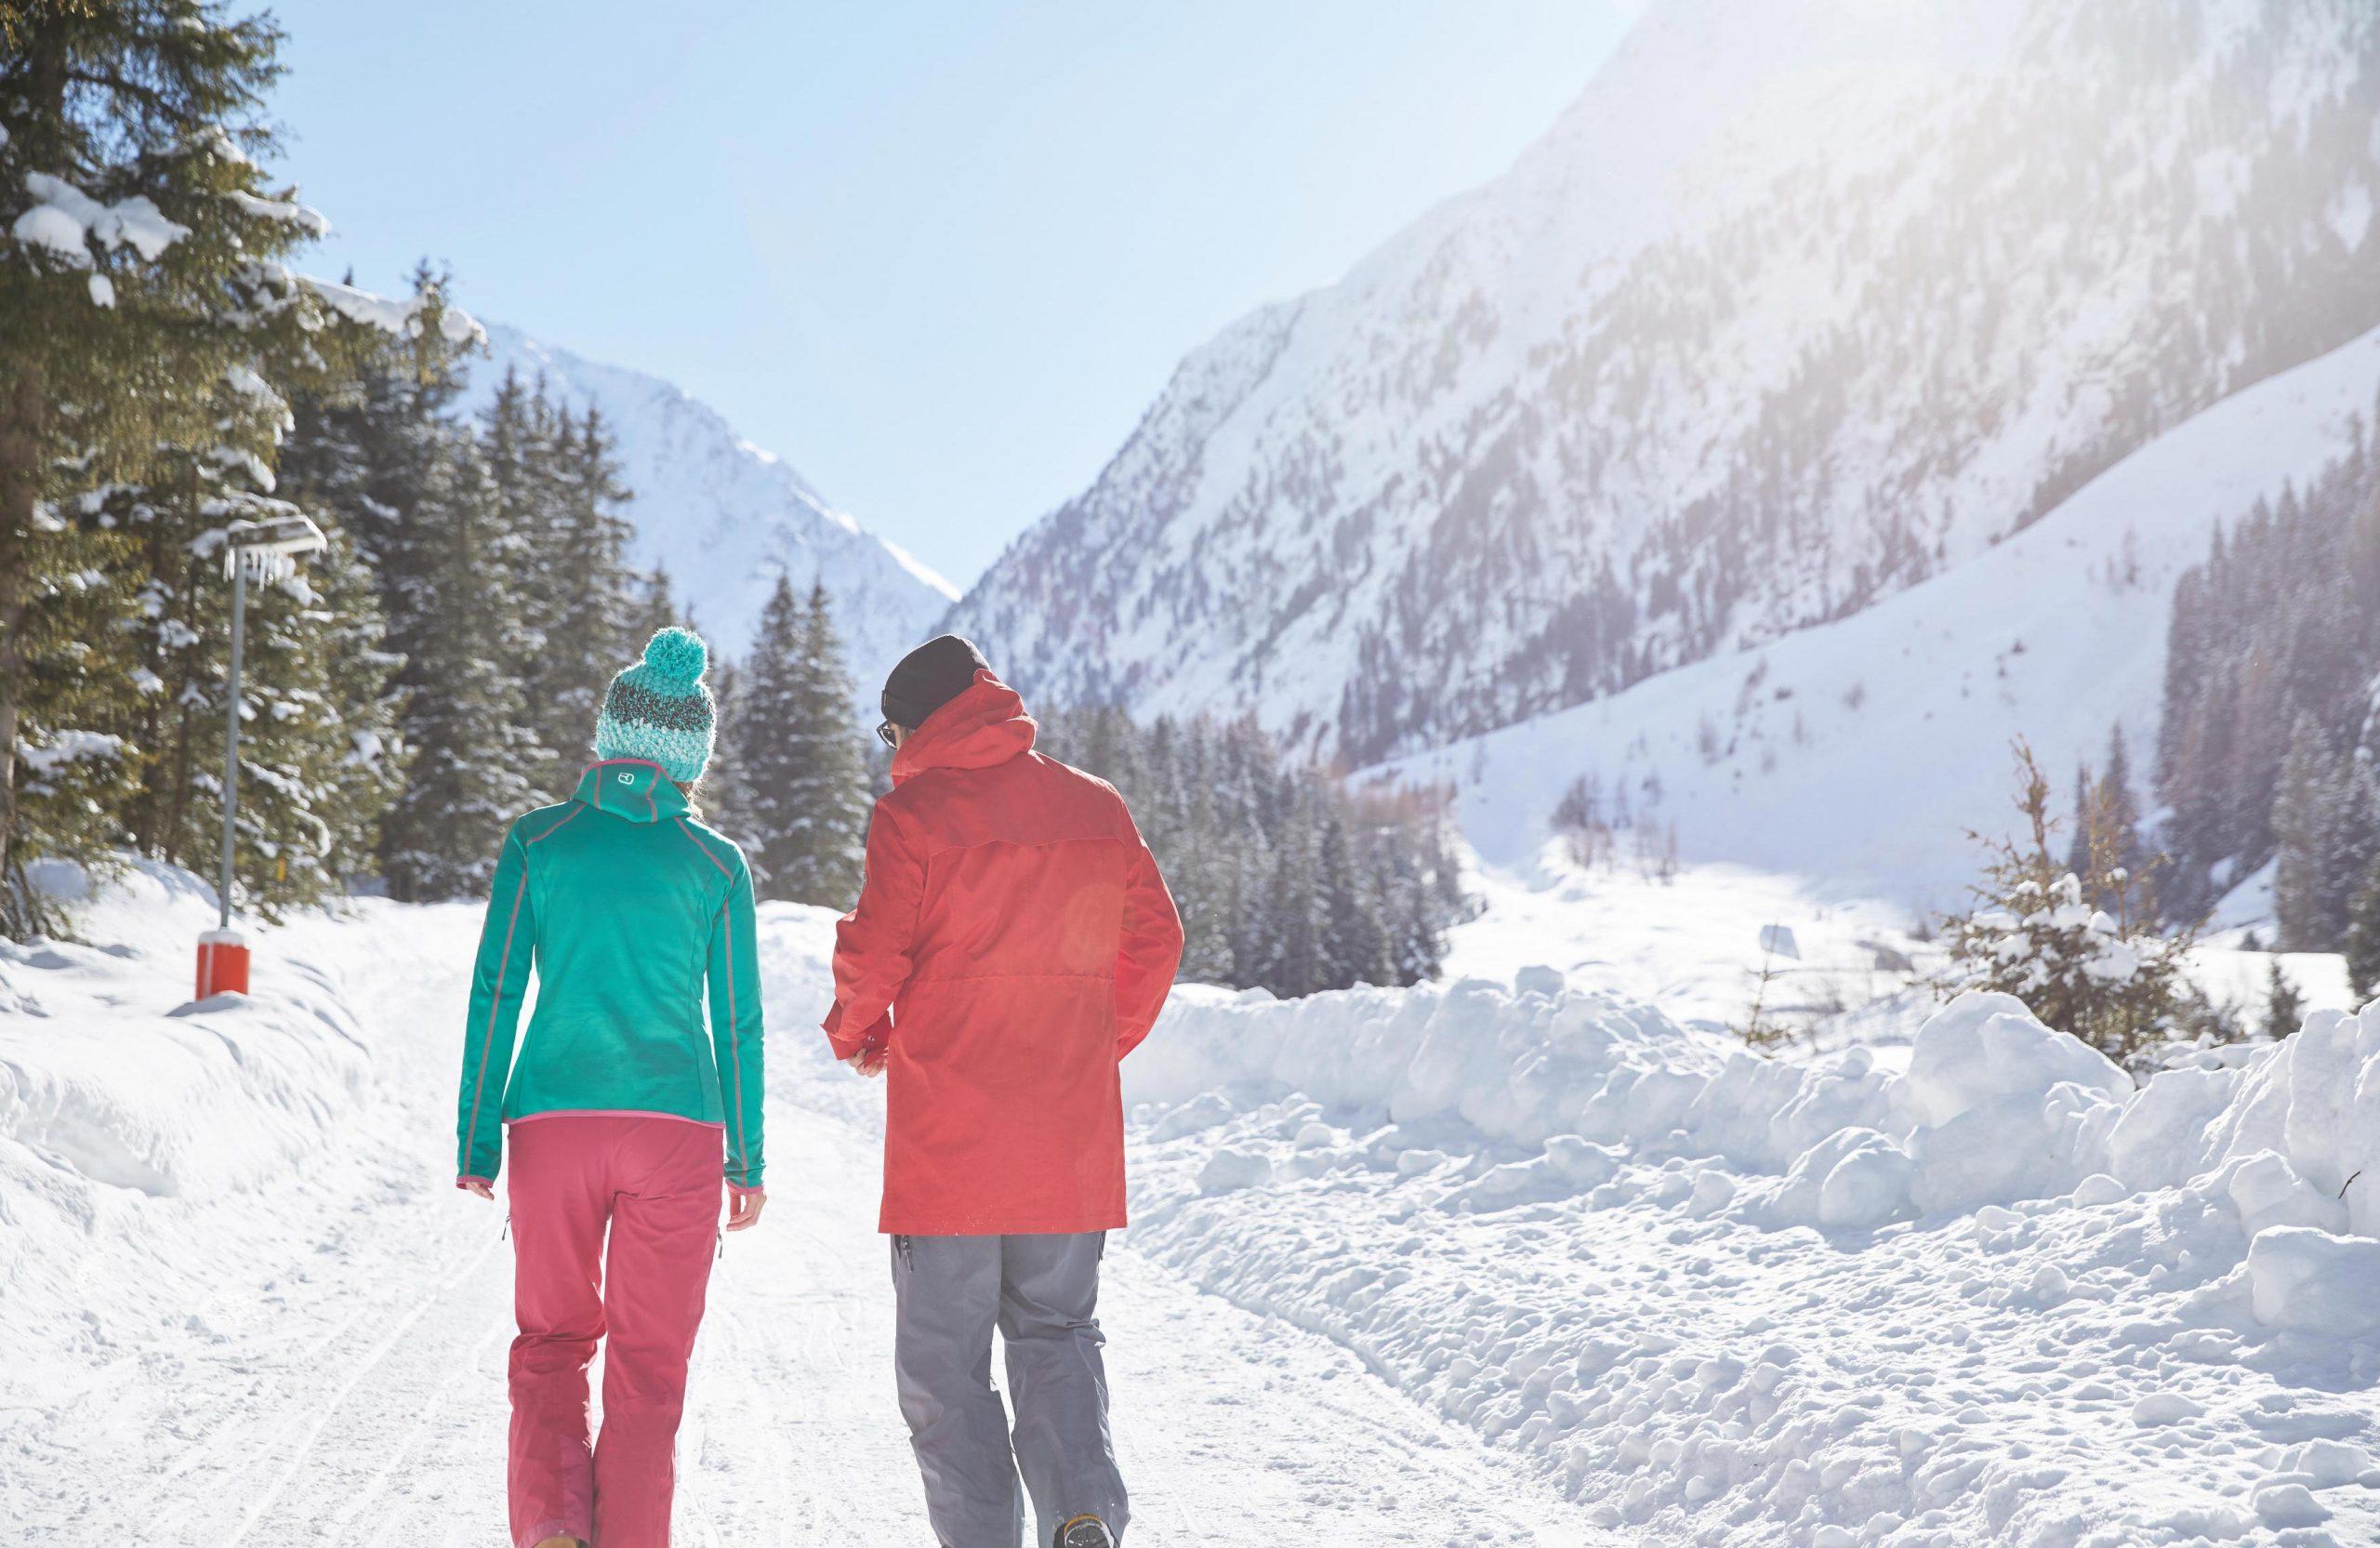 Winterholiday at Absteige, Wanderung Gleirschalm